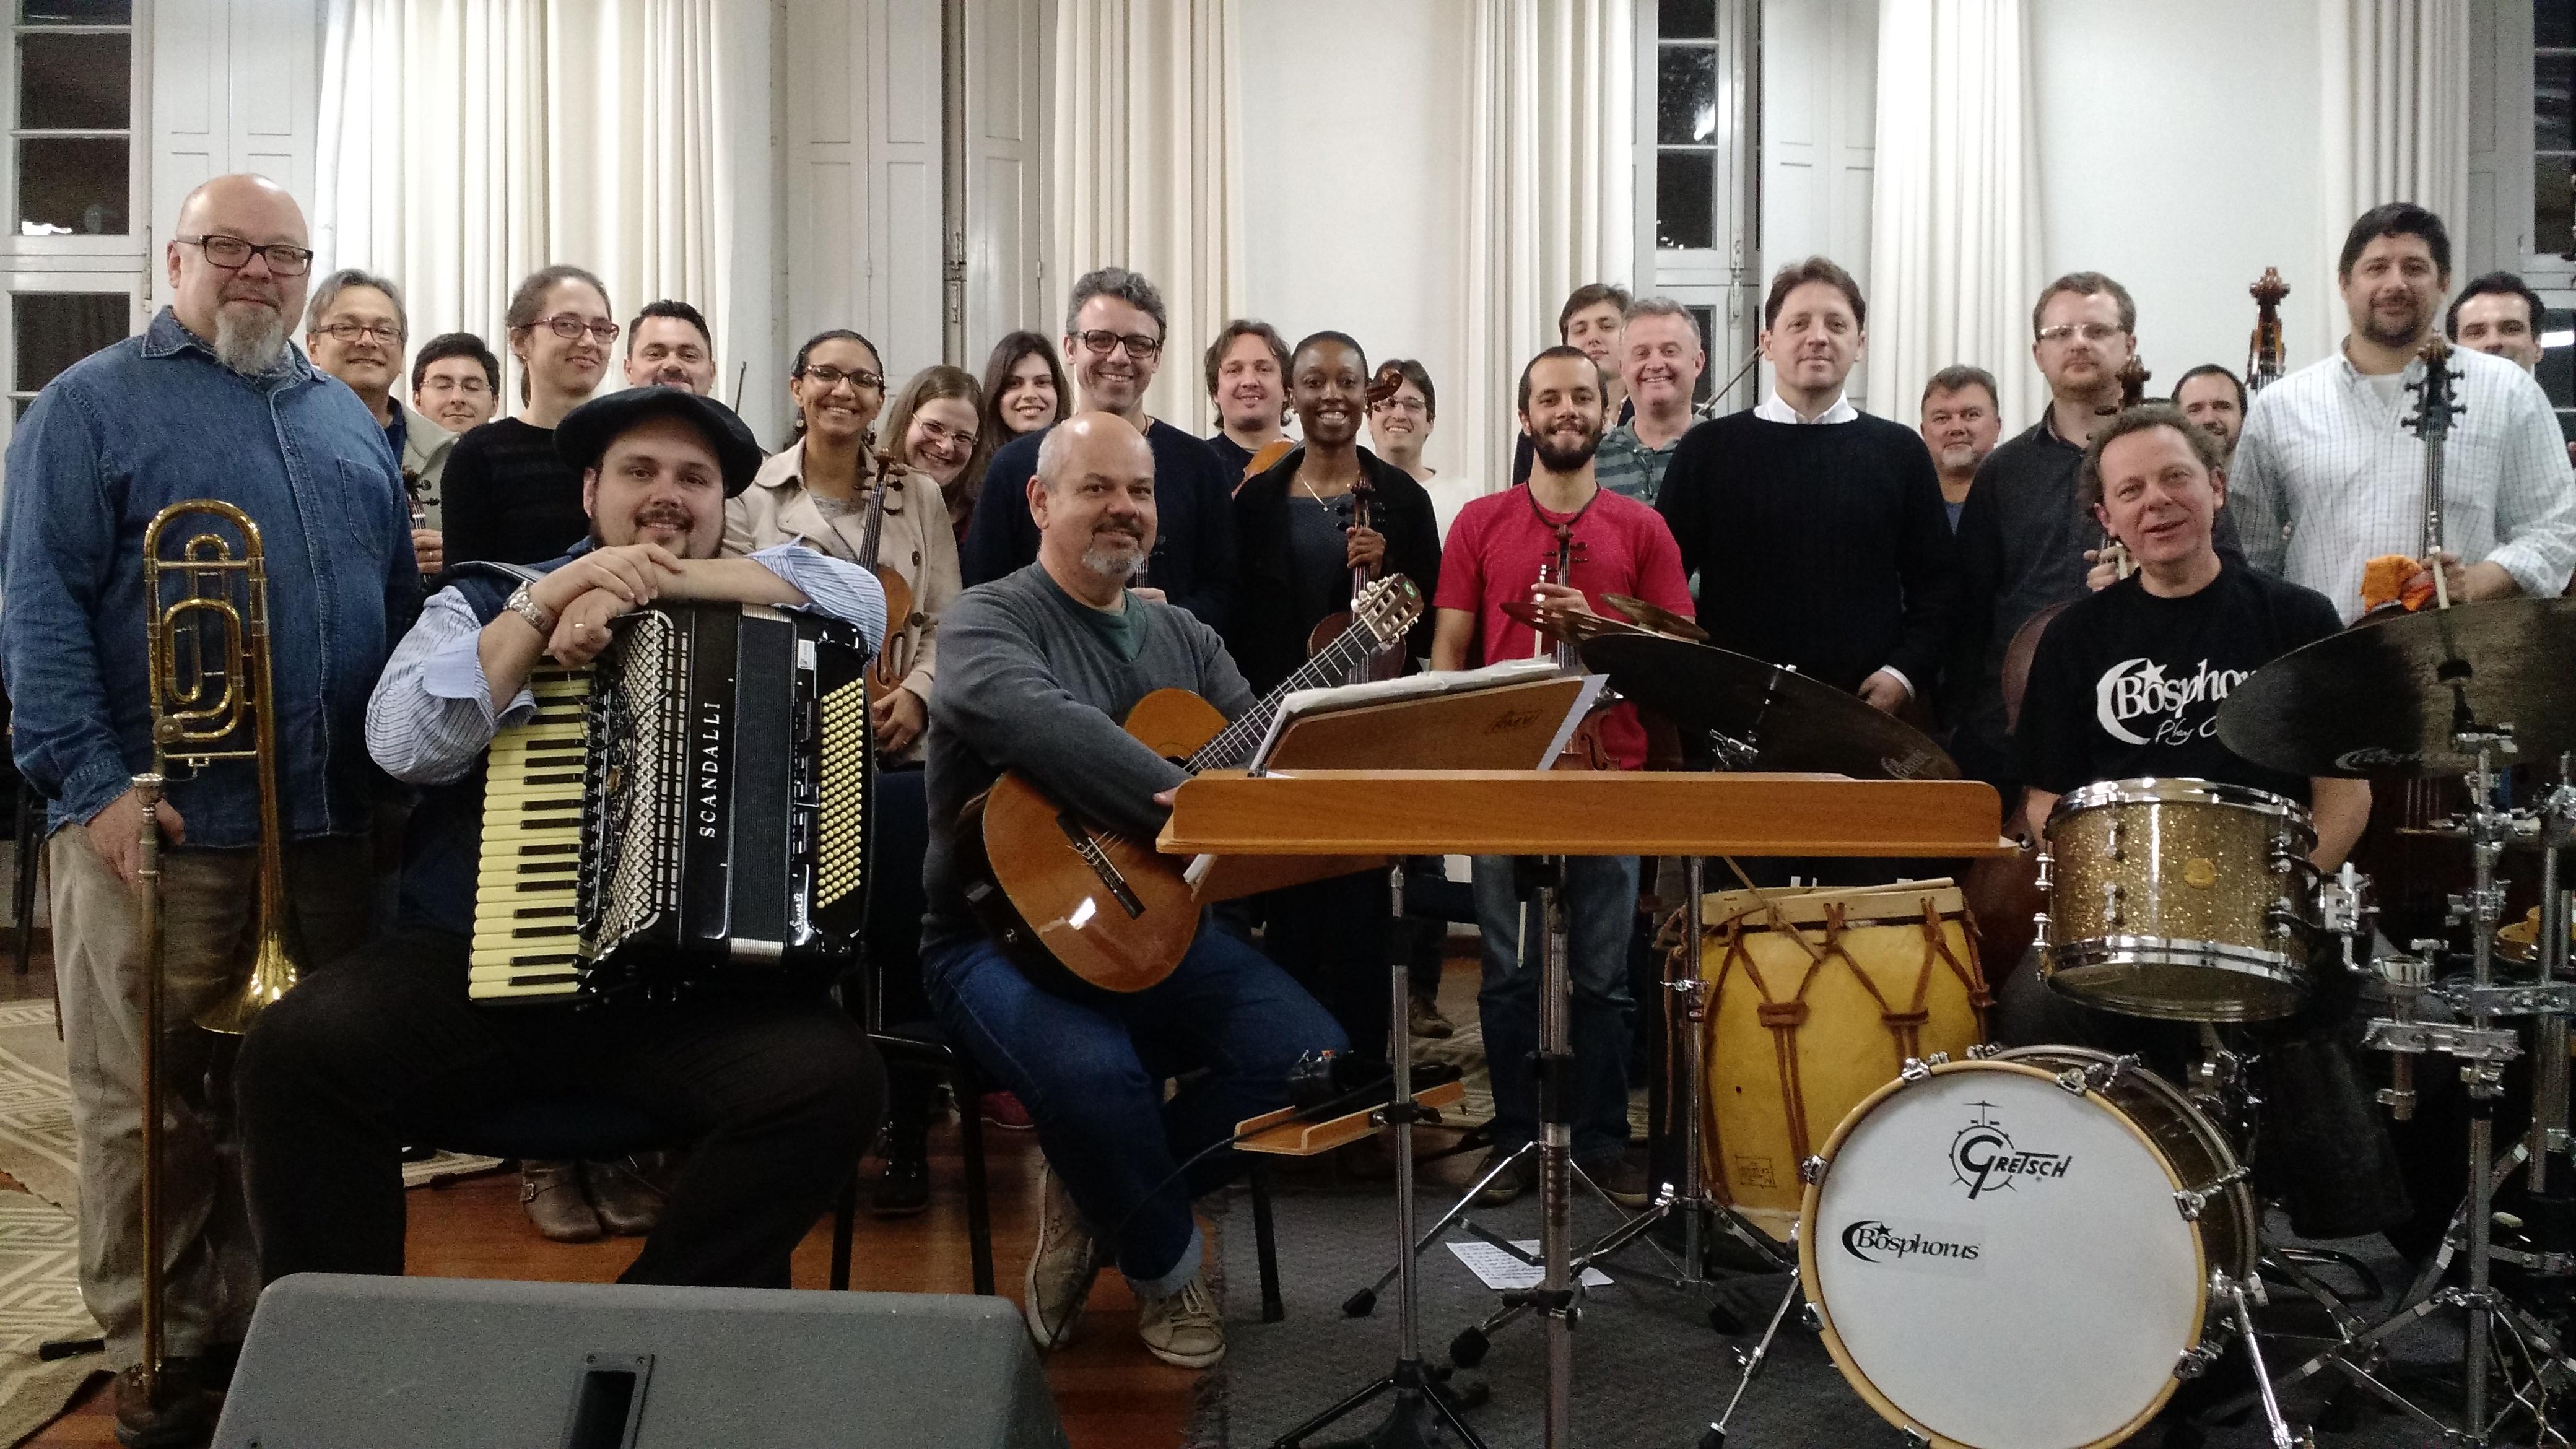 orquestra-unisinos-e-quartcheto-credito-fabio-kremer